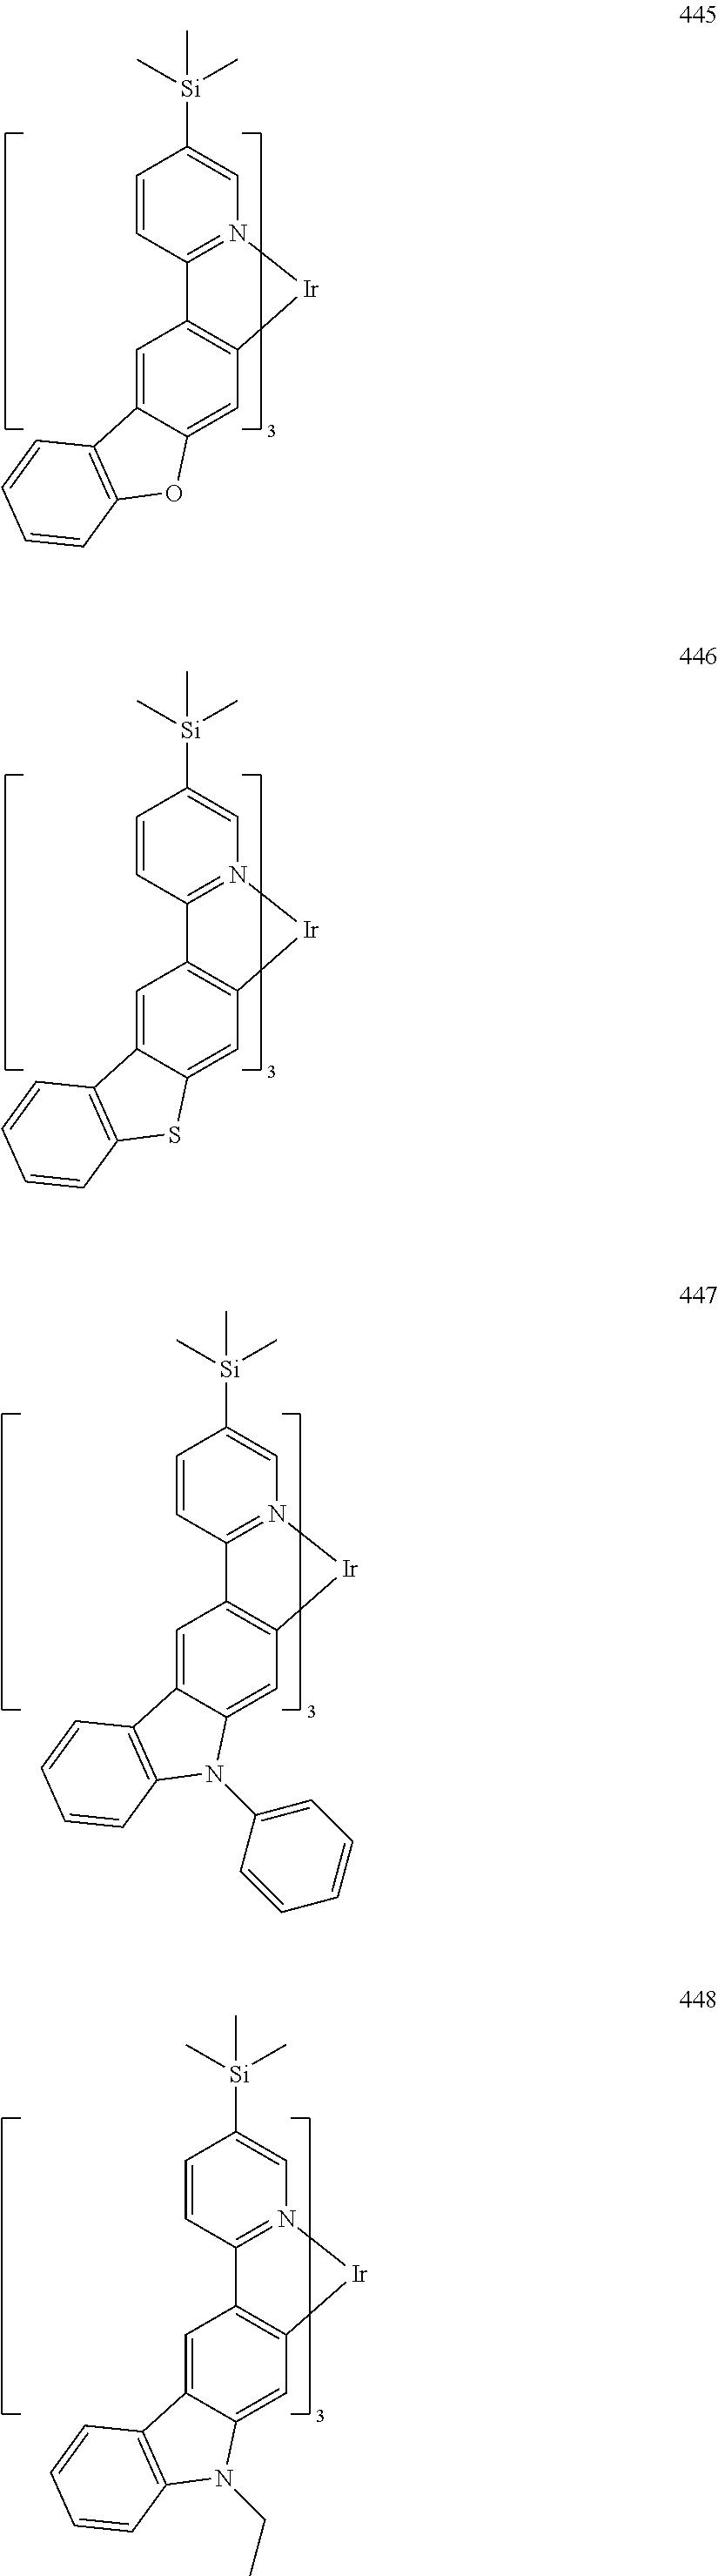 Figure US20160155962A1-20160602-C00194